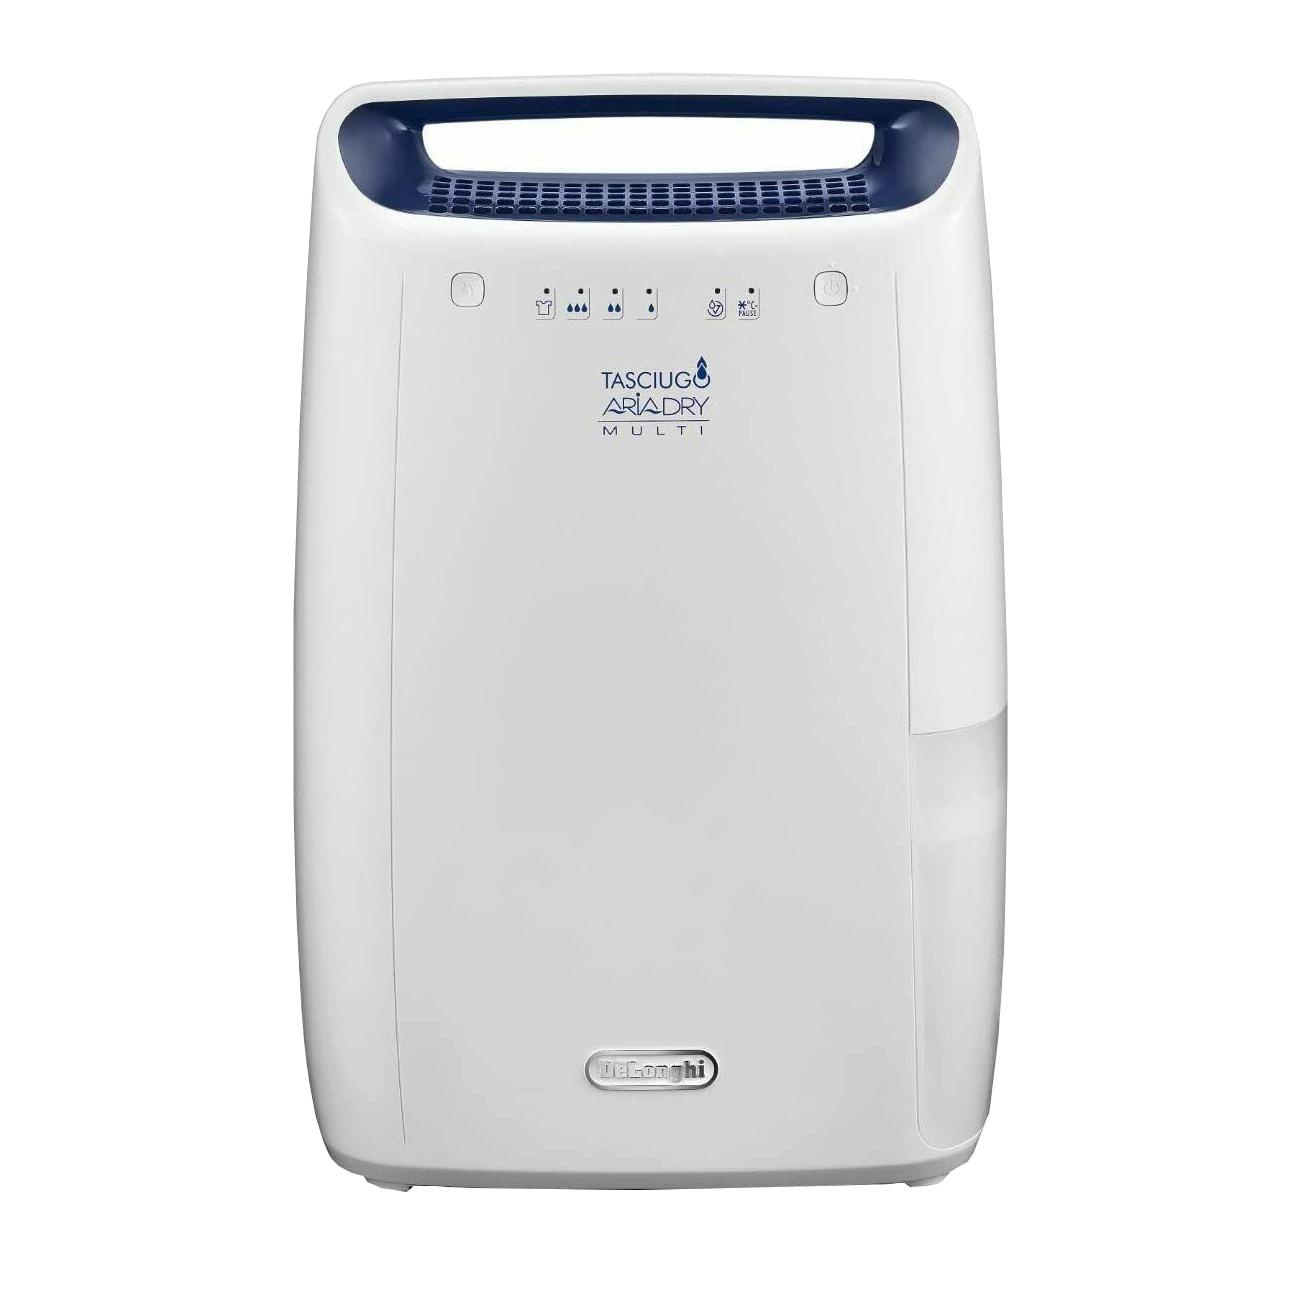 Delonghi Tasciugo Aria Dry Multi Dehumidifier 12 Litre Capacity Ref DEX212F